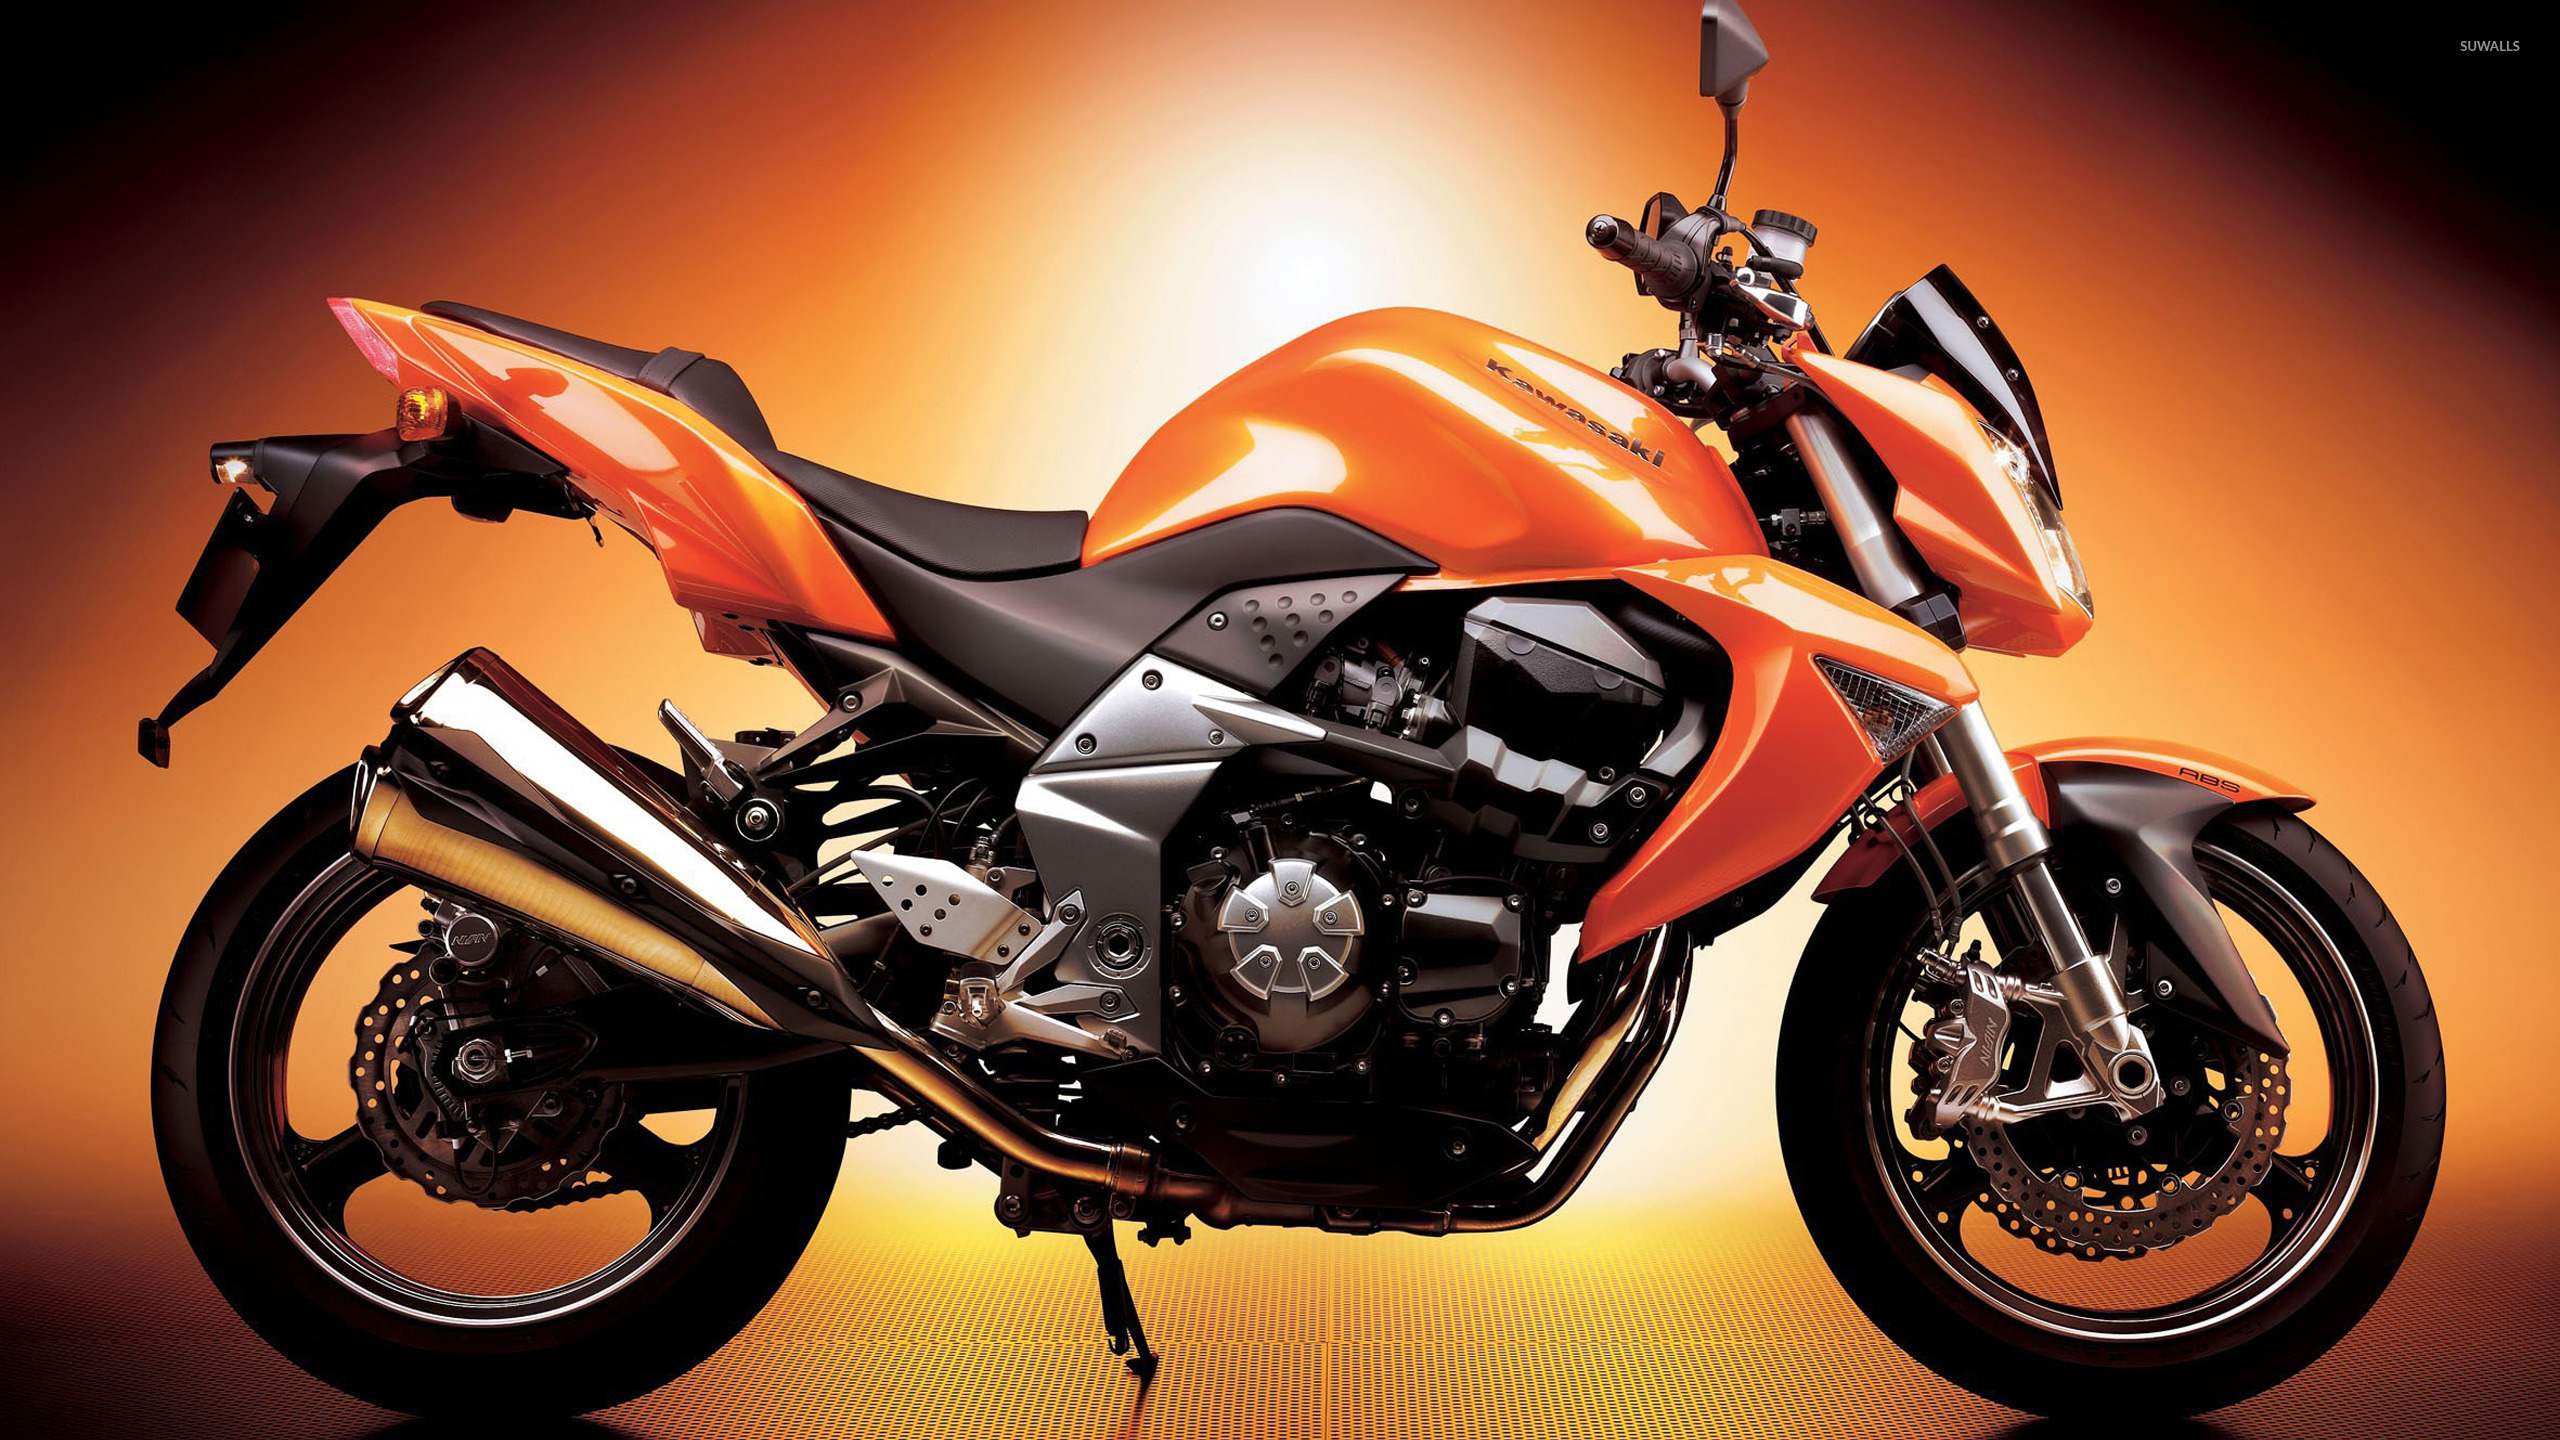 Kawasaki Z1000 wallpaper - Motorcycle wallpapers - #11347